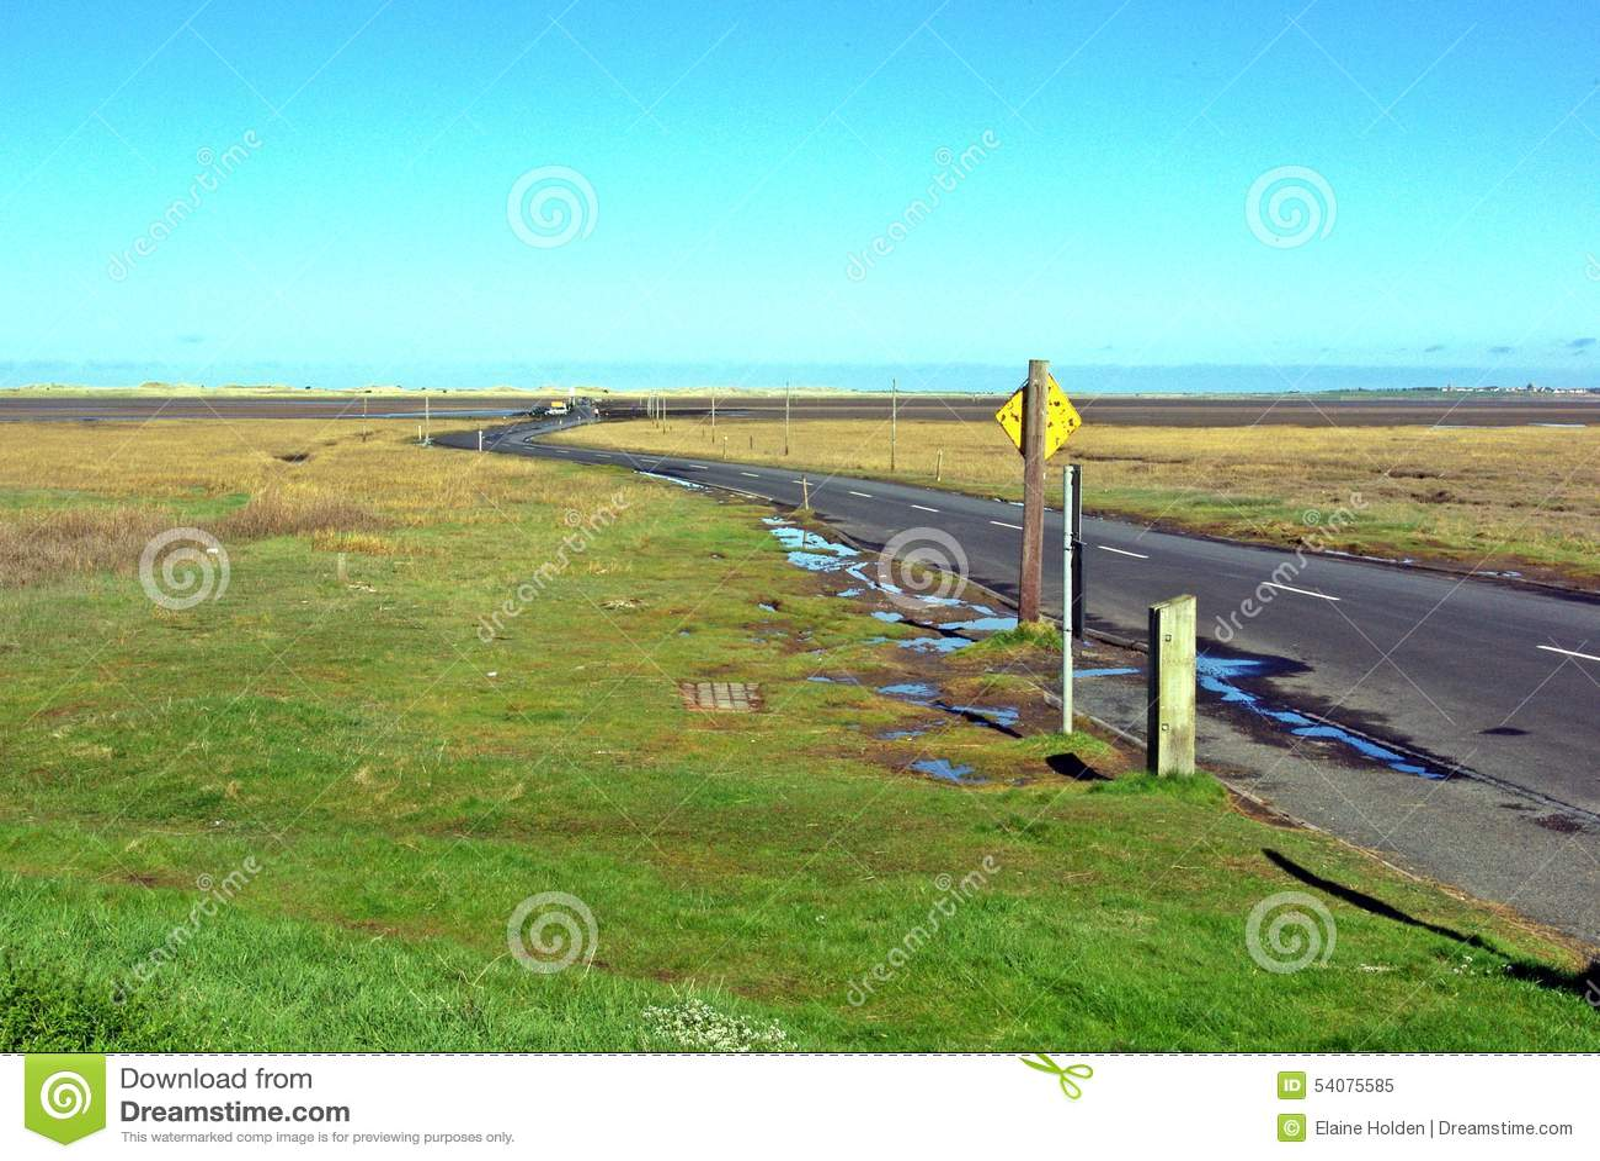 Windende weg op verhoogde weg